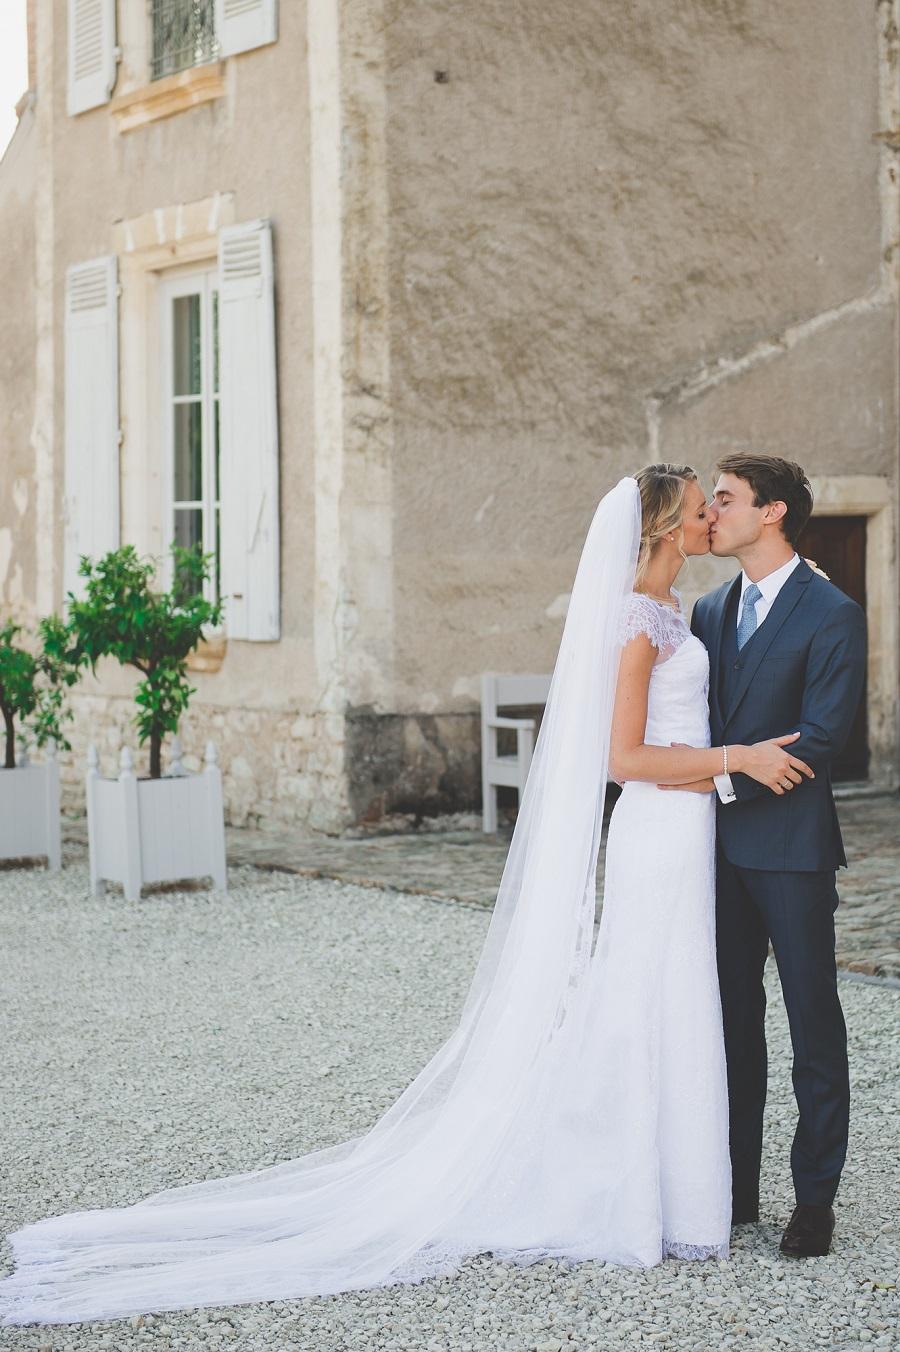 ślub Za Granicą Polski Wszystko Co Musicie Wiedzieć O Organizacji